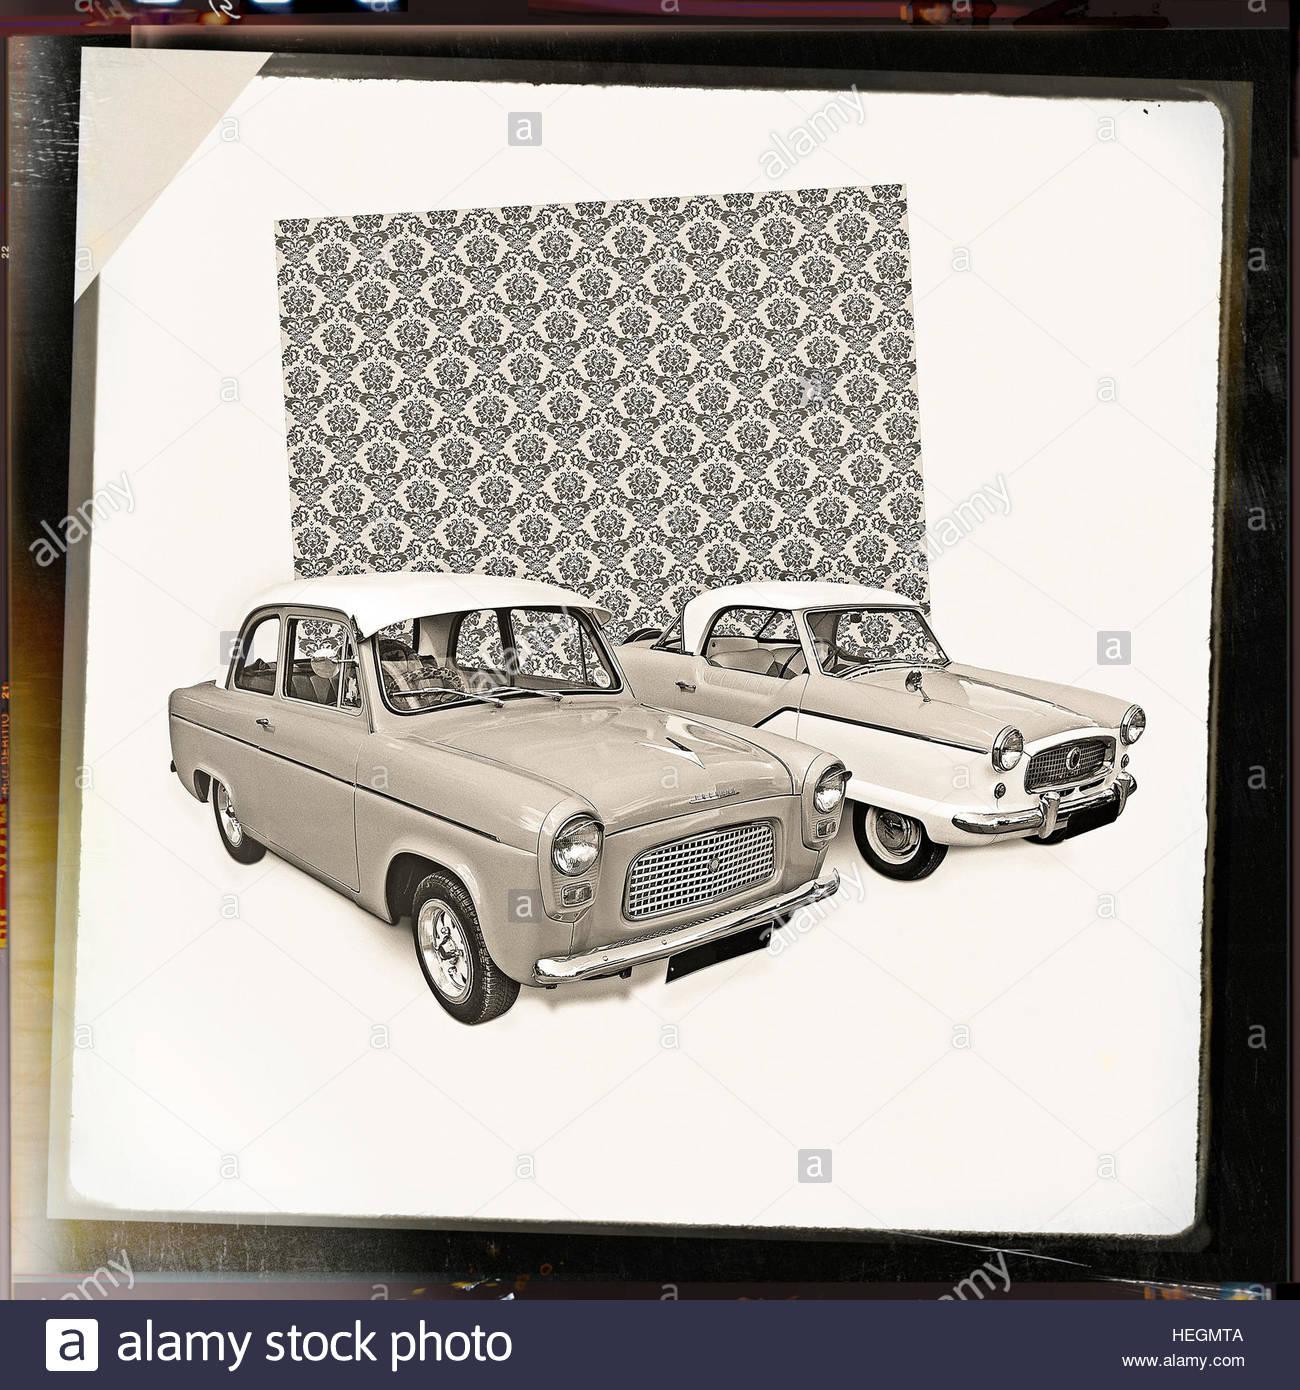 Retro Vintage 50er Jahre Stil Mitte Jahrhundert Autos Studio Bild Muster Hintergrund Stockbild